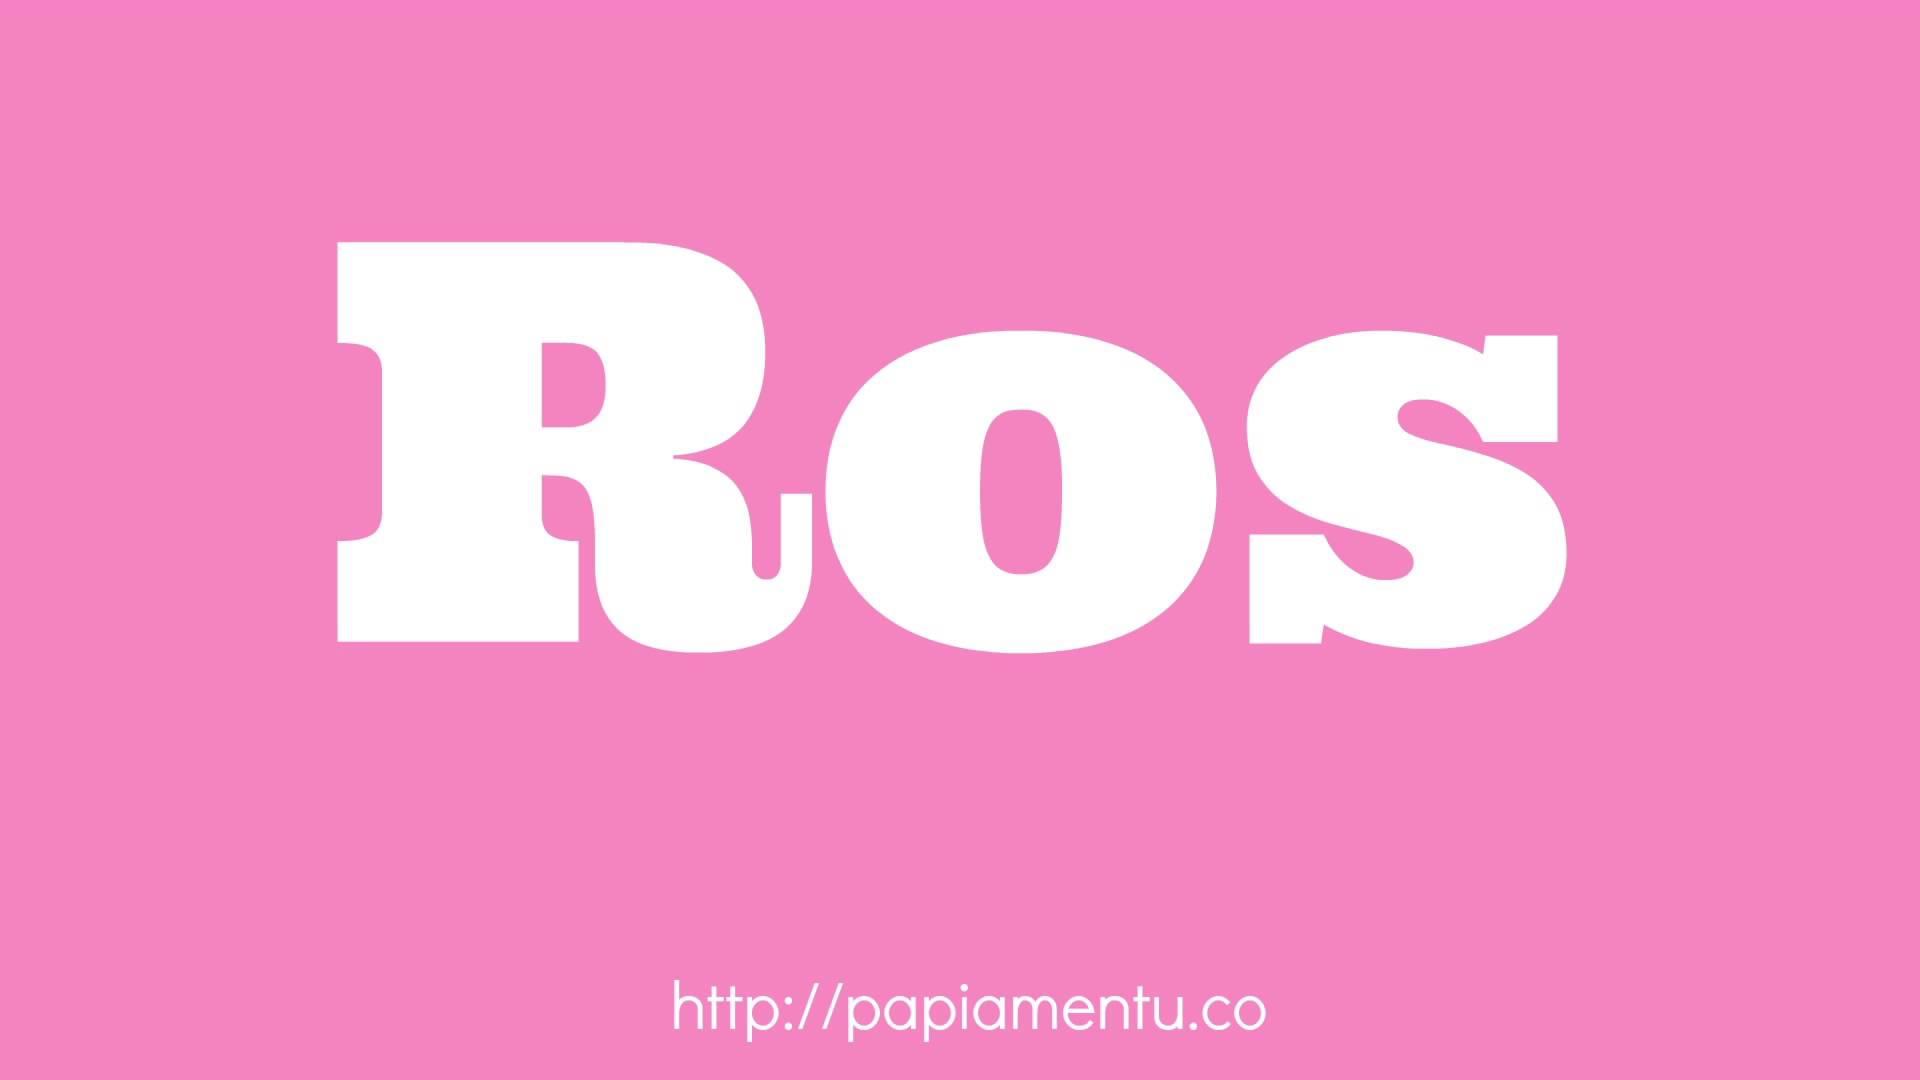 Zo zeg je roze in Papiaments - Papiamentu.co